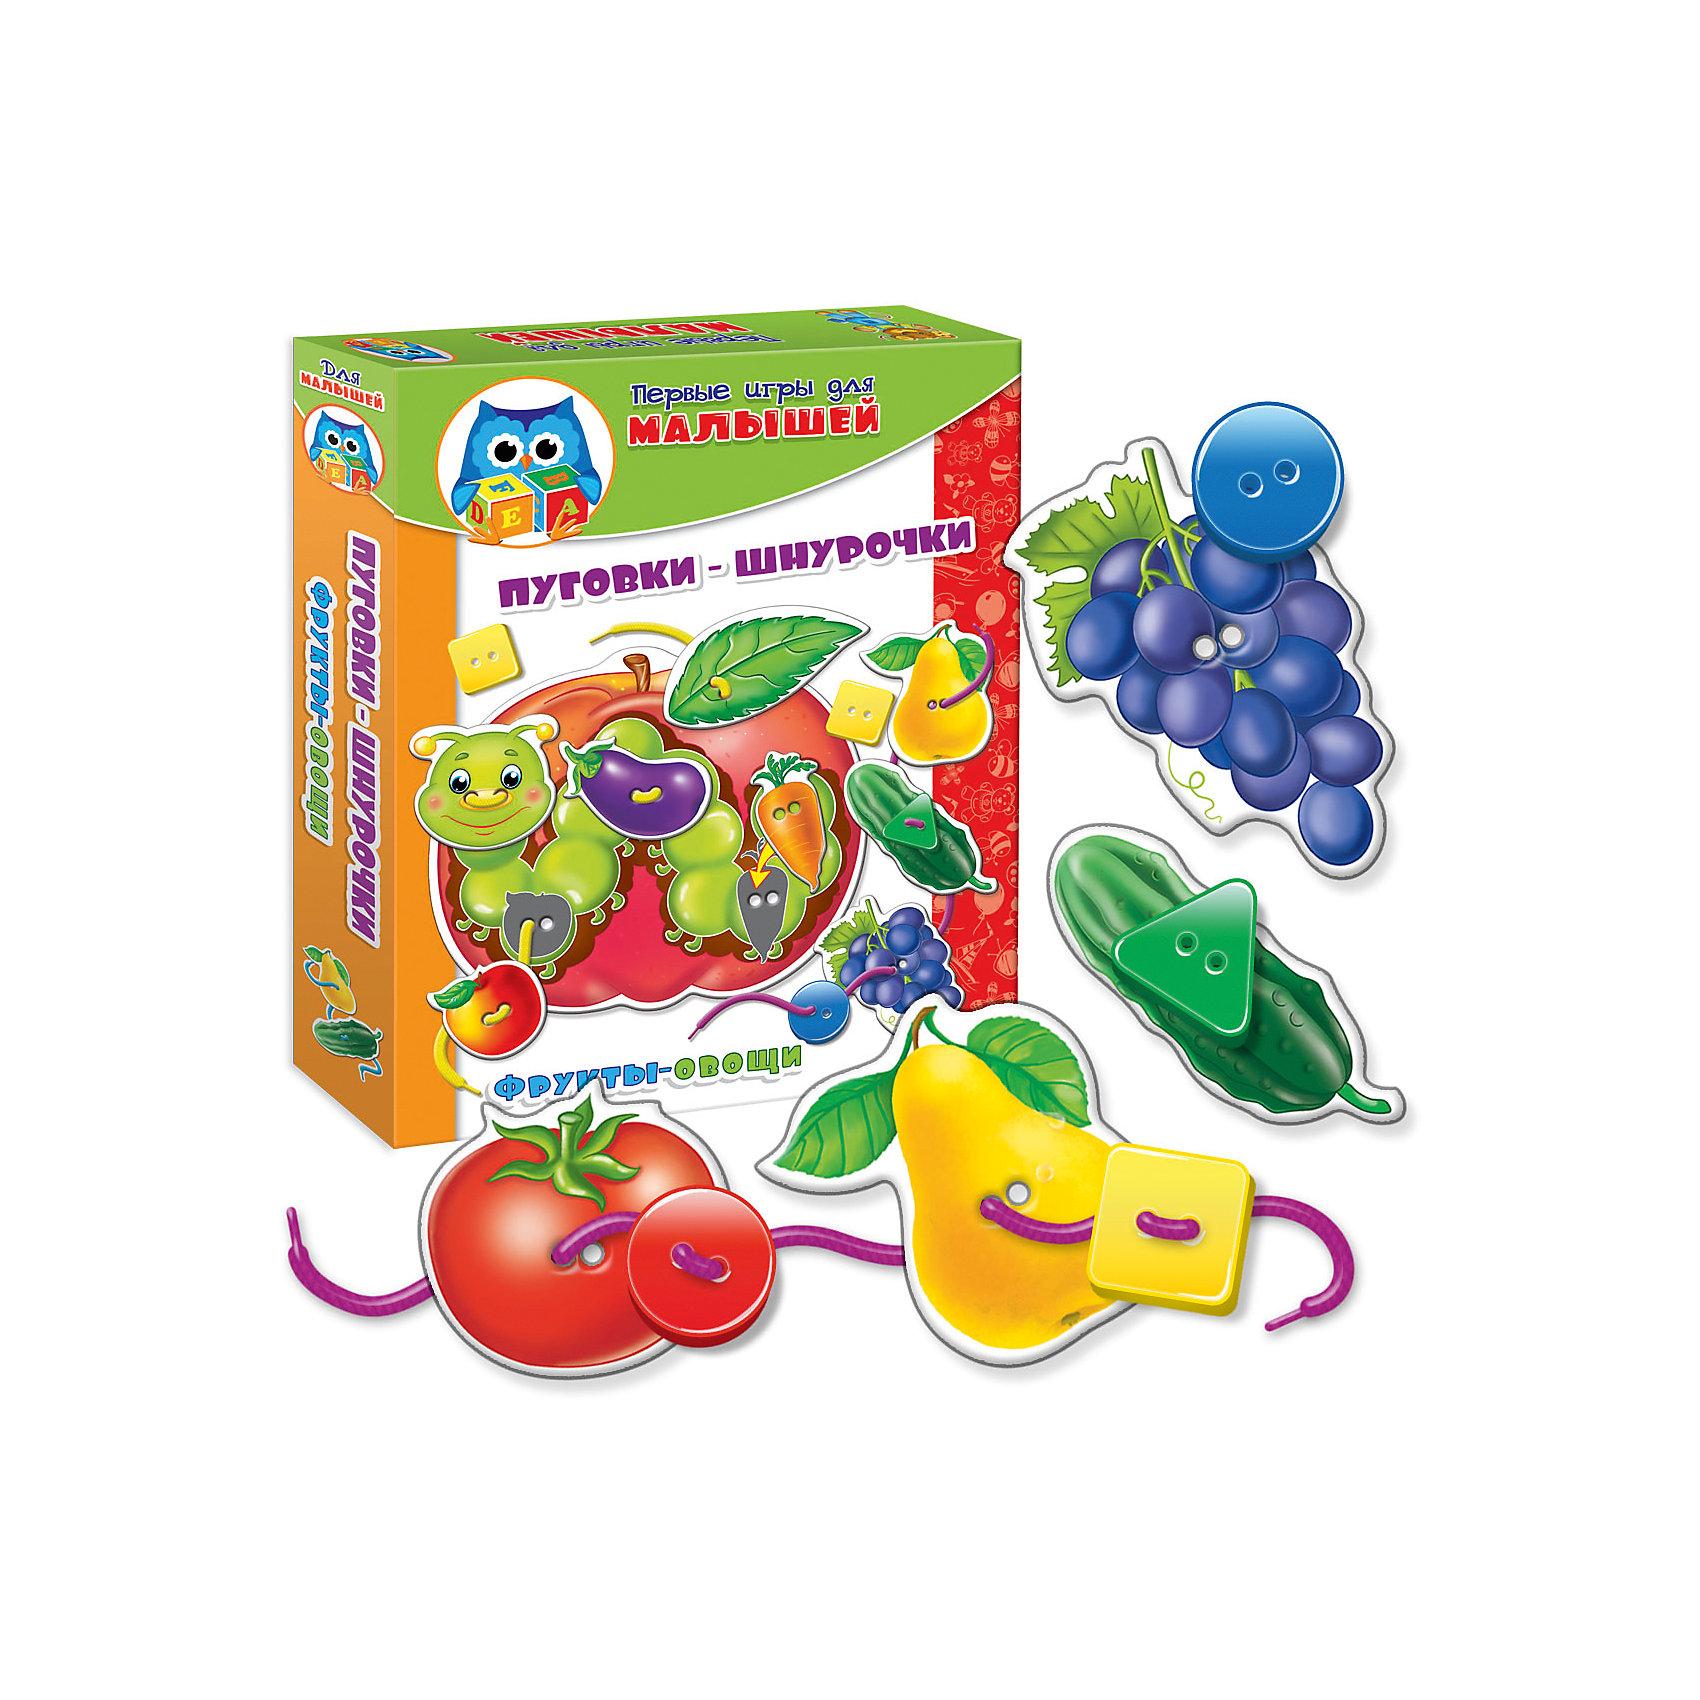 Набор развивающих игр Фрукты-овощи, Vladi Toys<br><br>Ширина мм: 195<br>Глубина мм: 245<br>Высота мм: 35<br>Вес г: 168<br>Возраст от месяцев: 24<br>Возраст до месяцев: 60<br>Пол: Унисекс<br>Возраст: Детский<br>SKU: 4954059